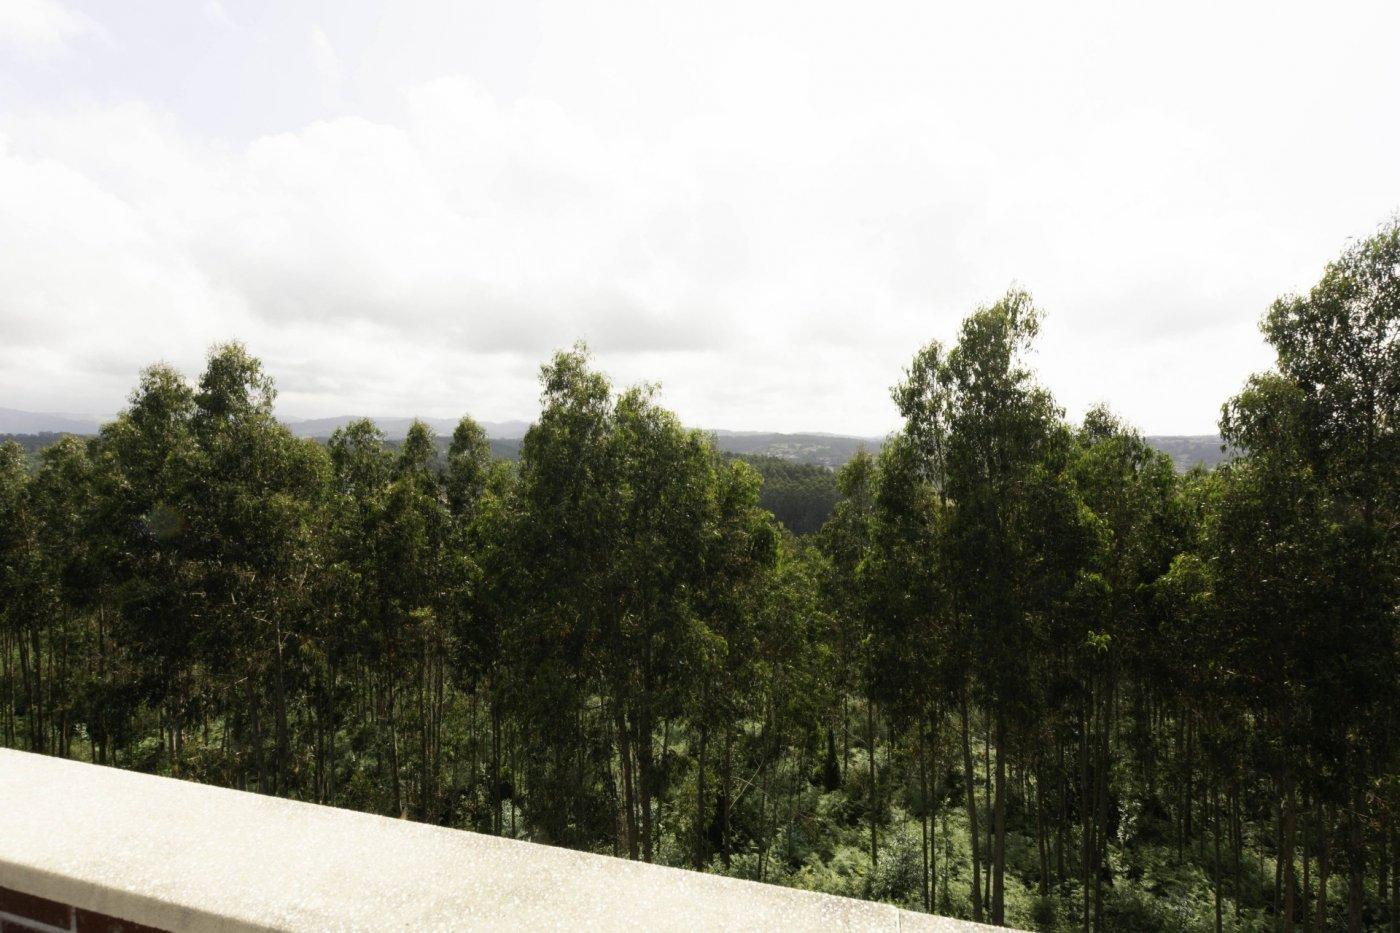 Ático con terraza de 11 m2, a 2 km de salinas - imagenInmueble27